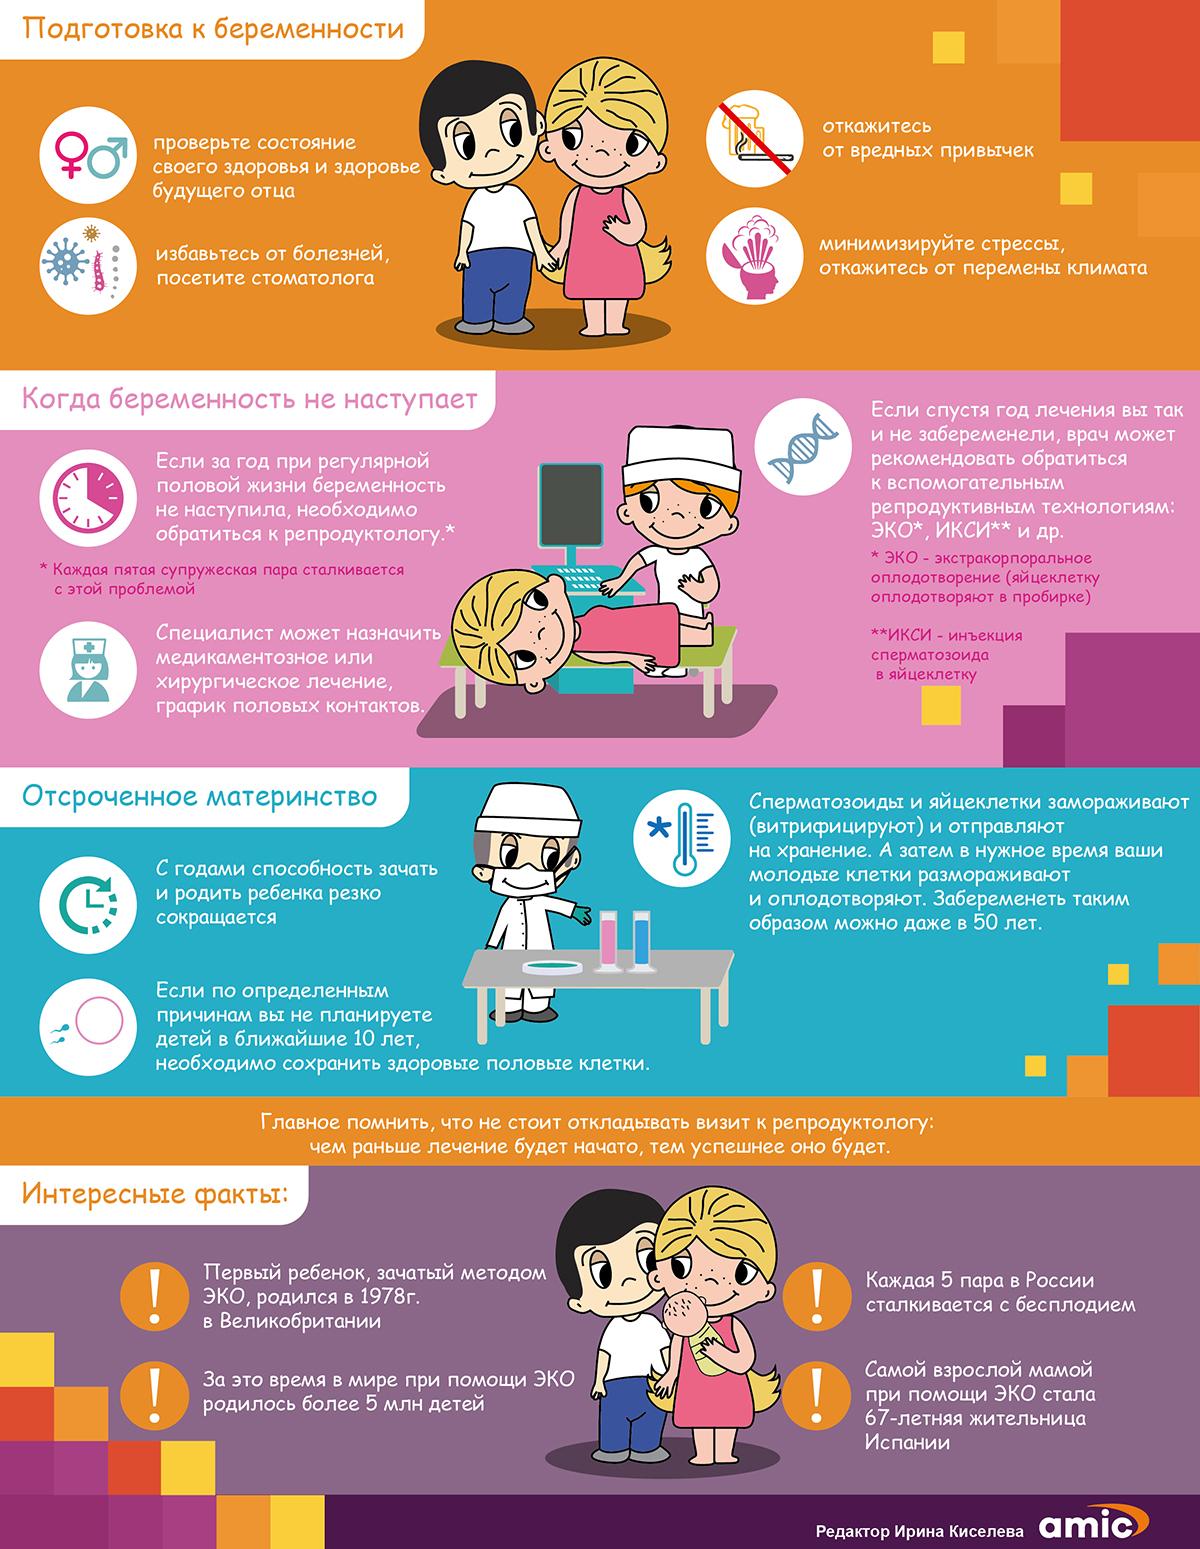 Что нужно знать перед зачатием